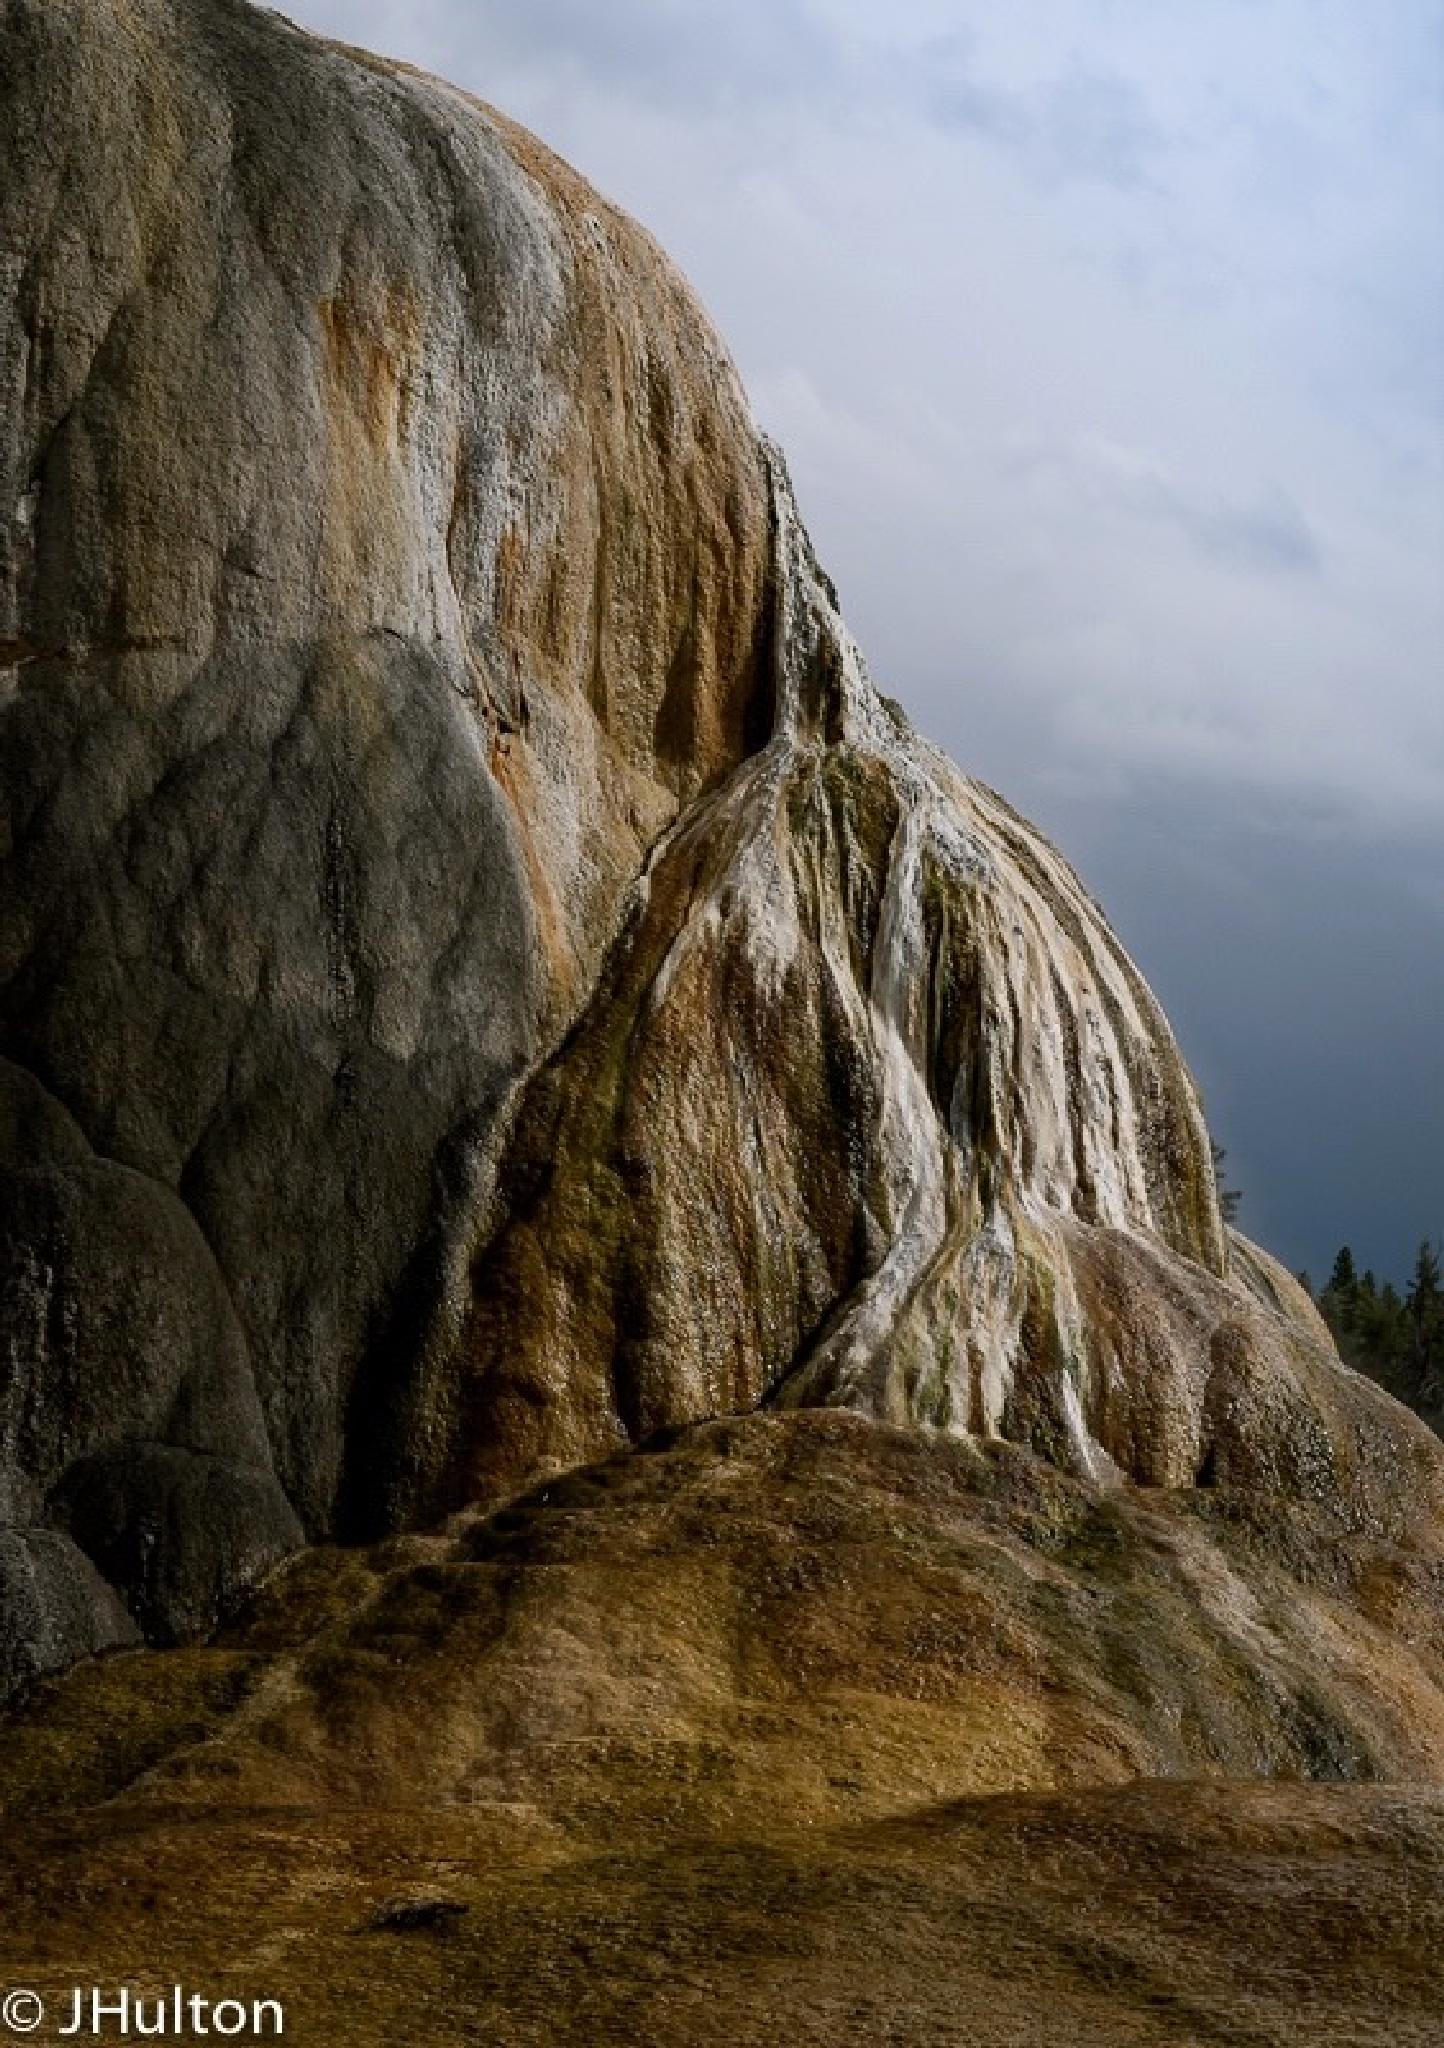 Yellowstone Upper Mammouth by jhulton